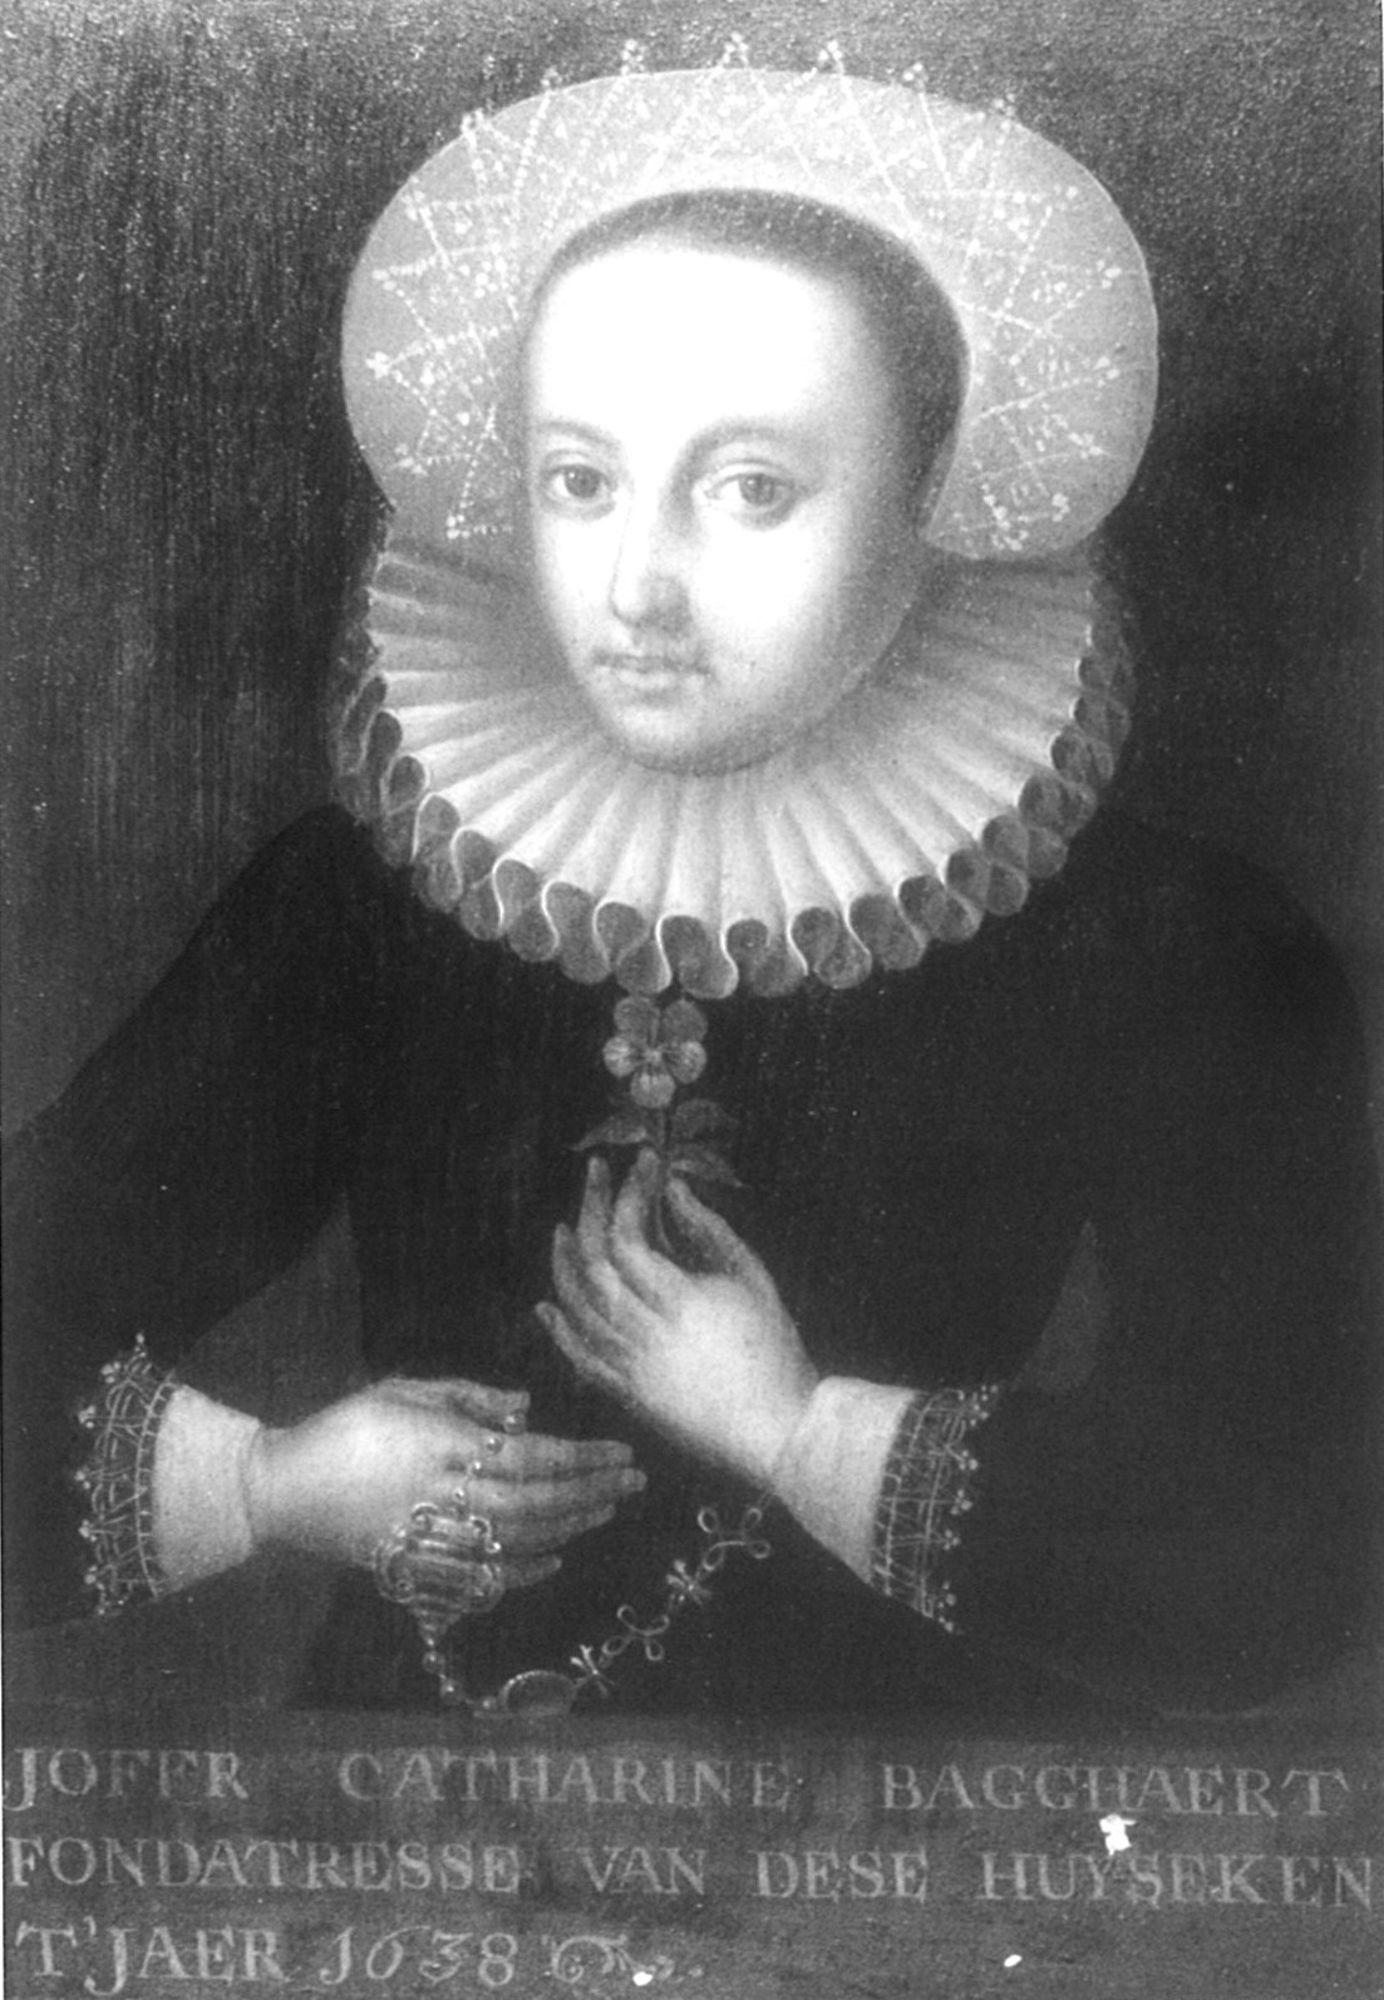 Portretschilderij Catharine Bagghaert